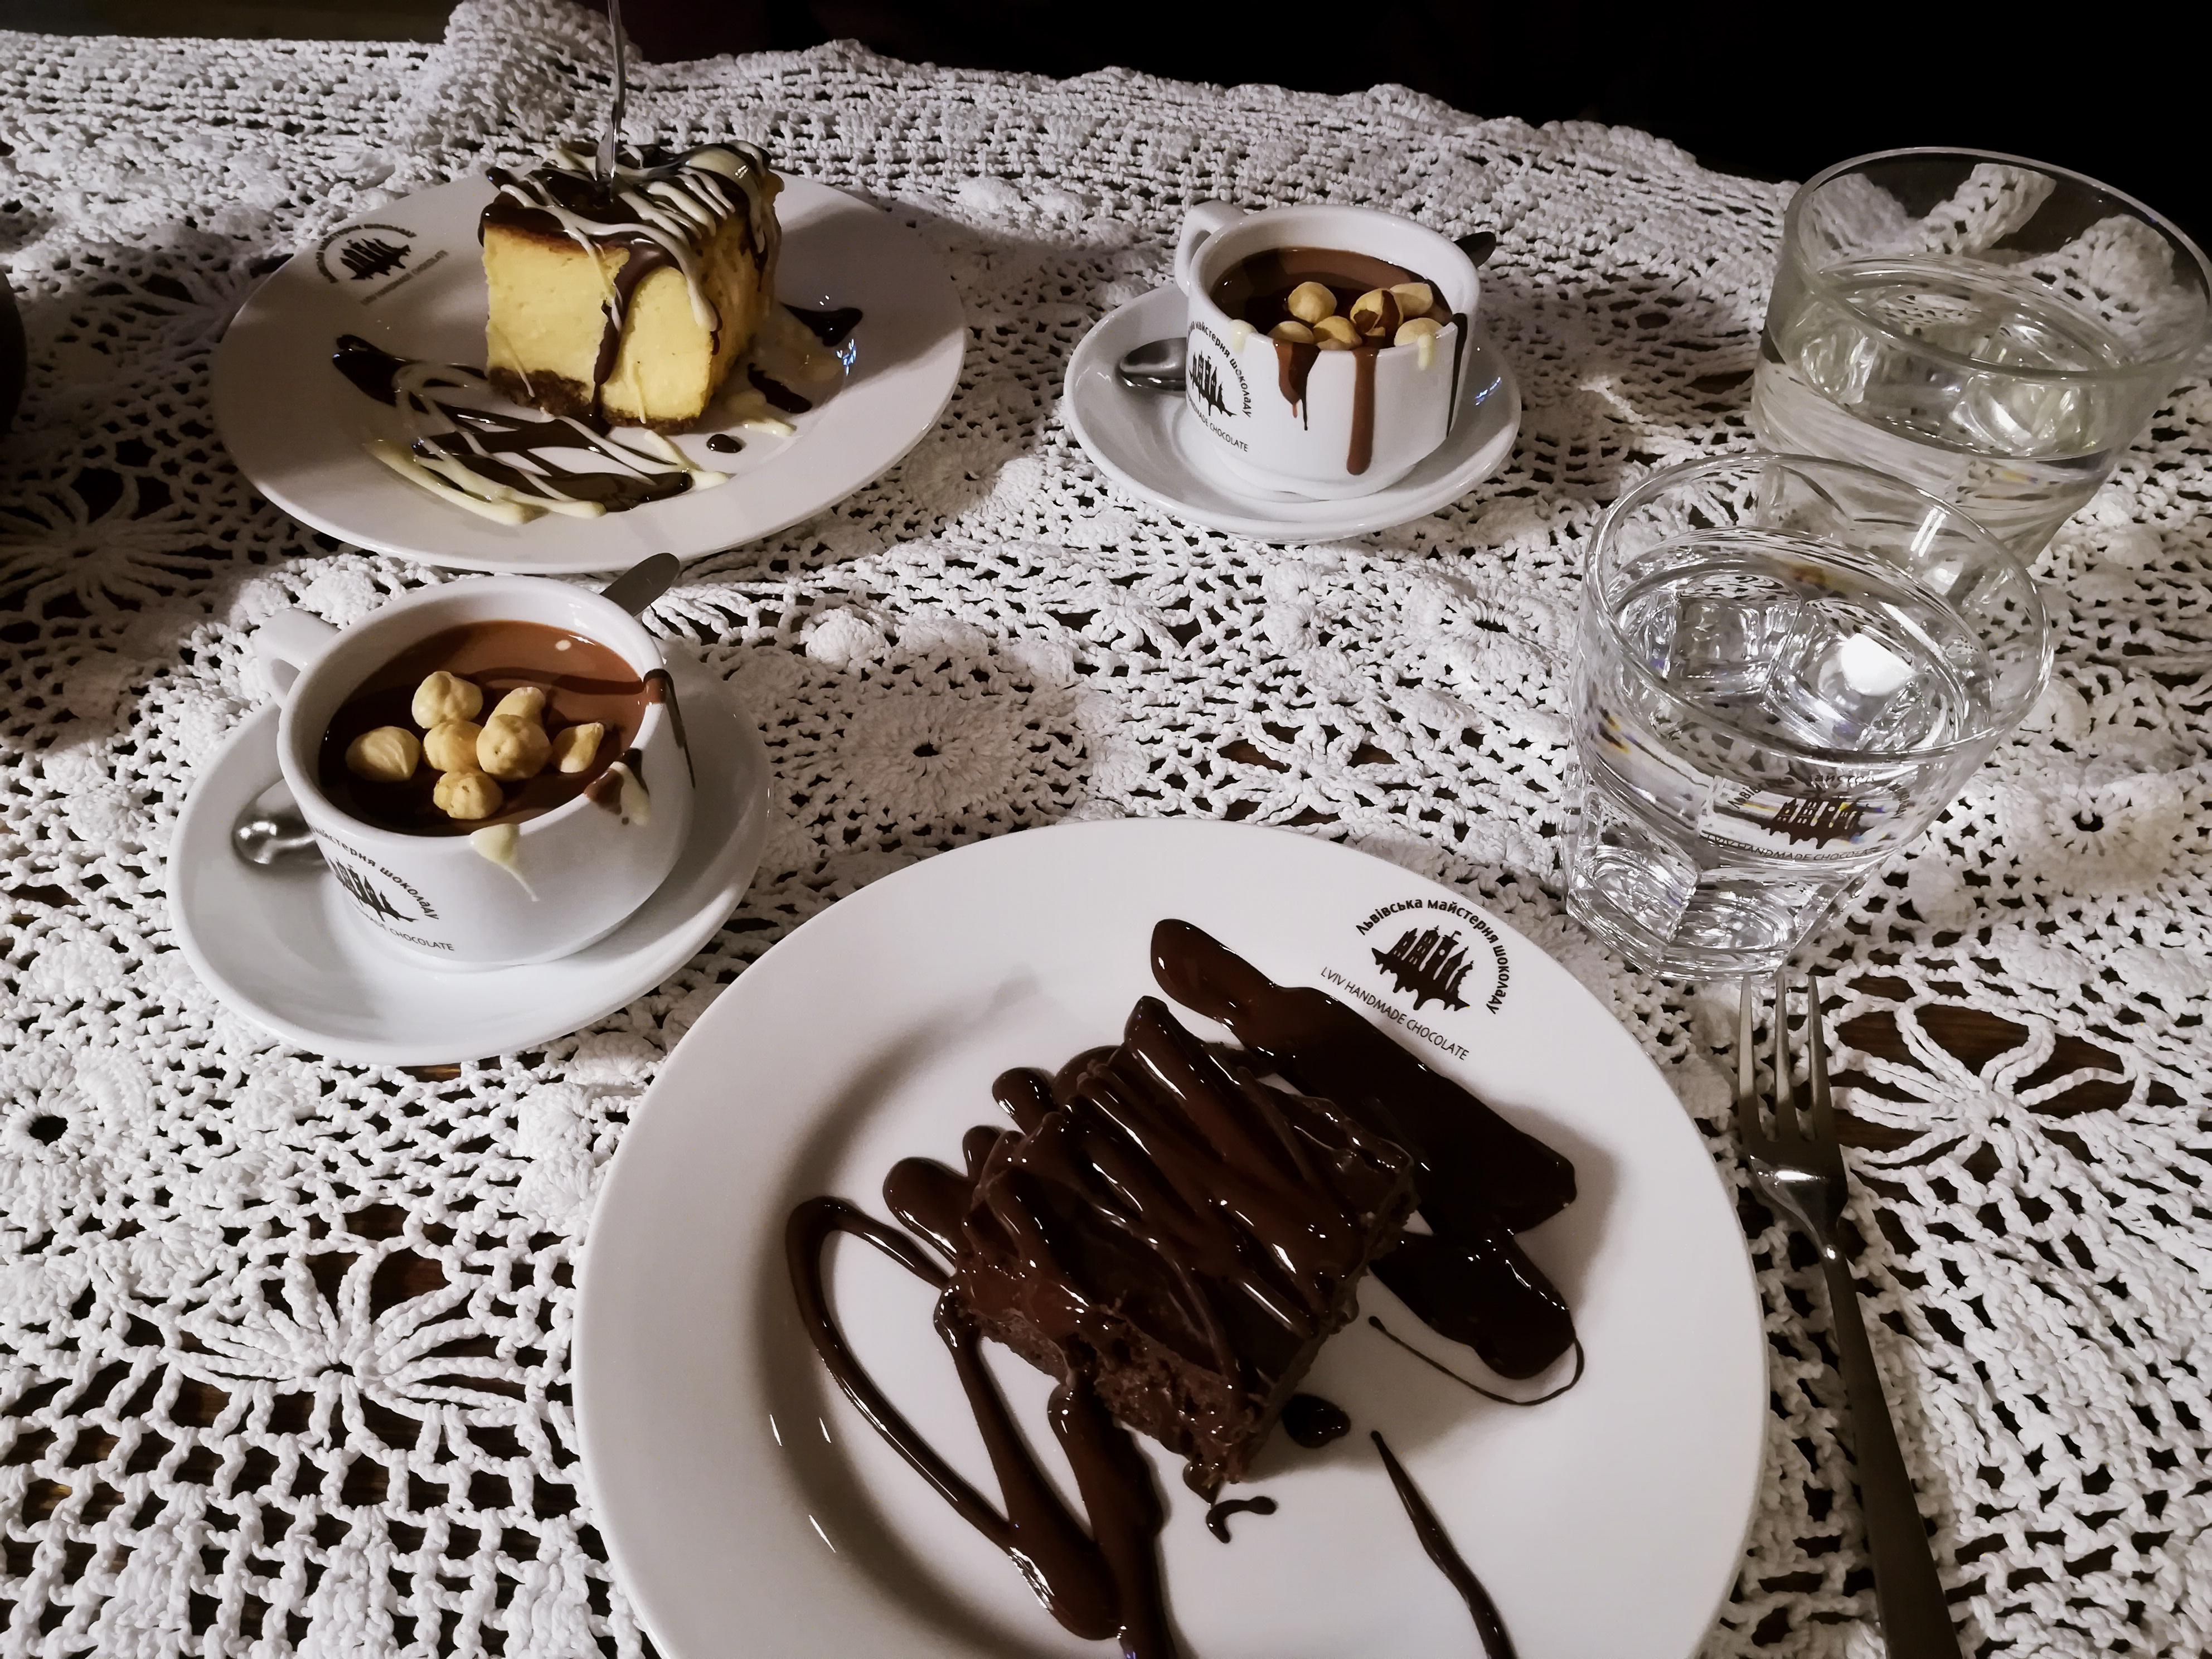 fabryka czekolady we lwowie - goraca czekolada